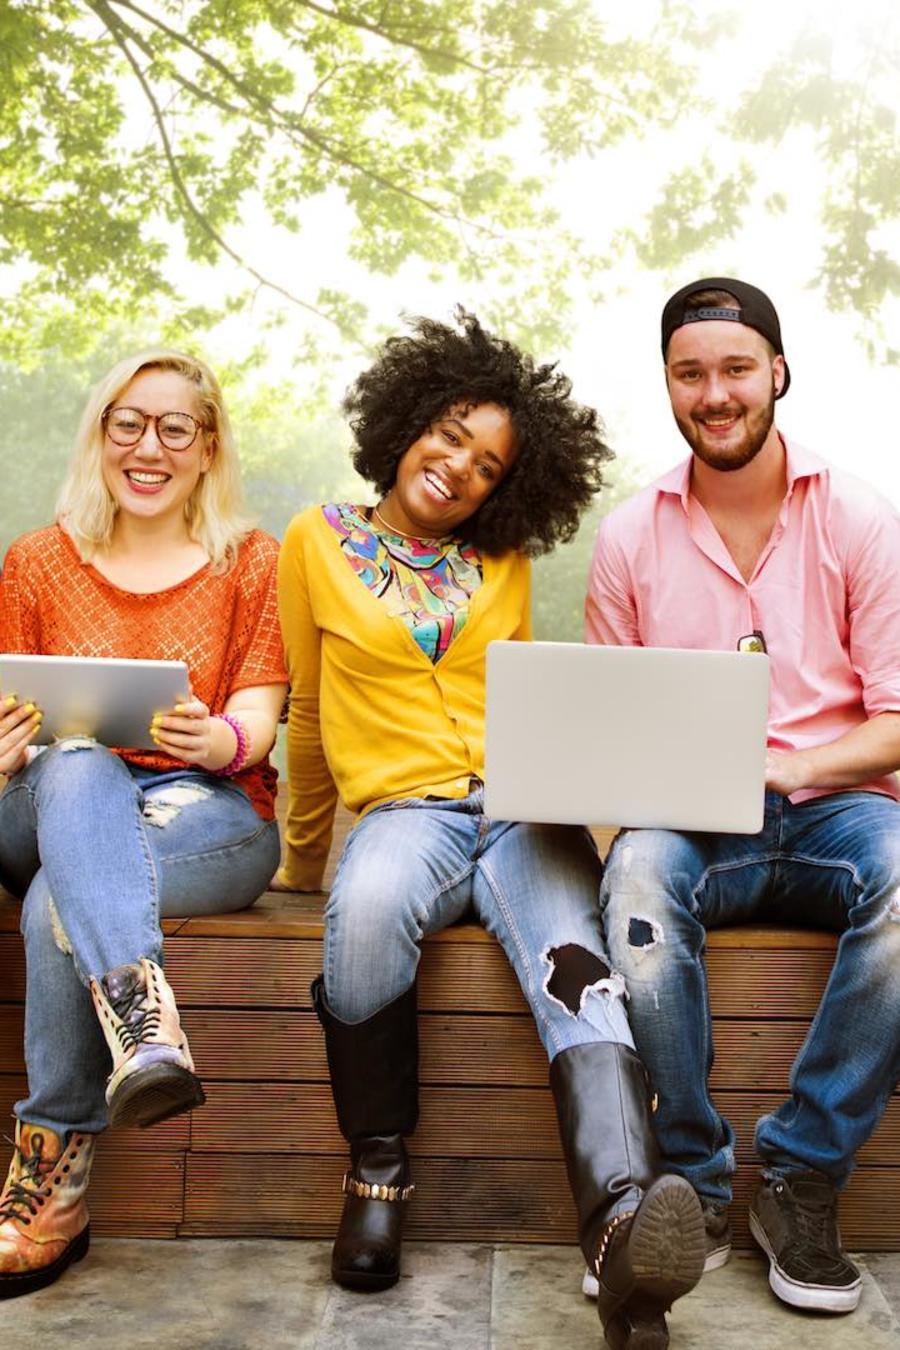 Estudiantes de la universidad felices